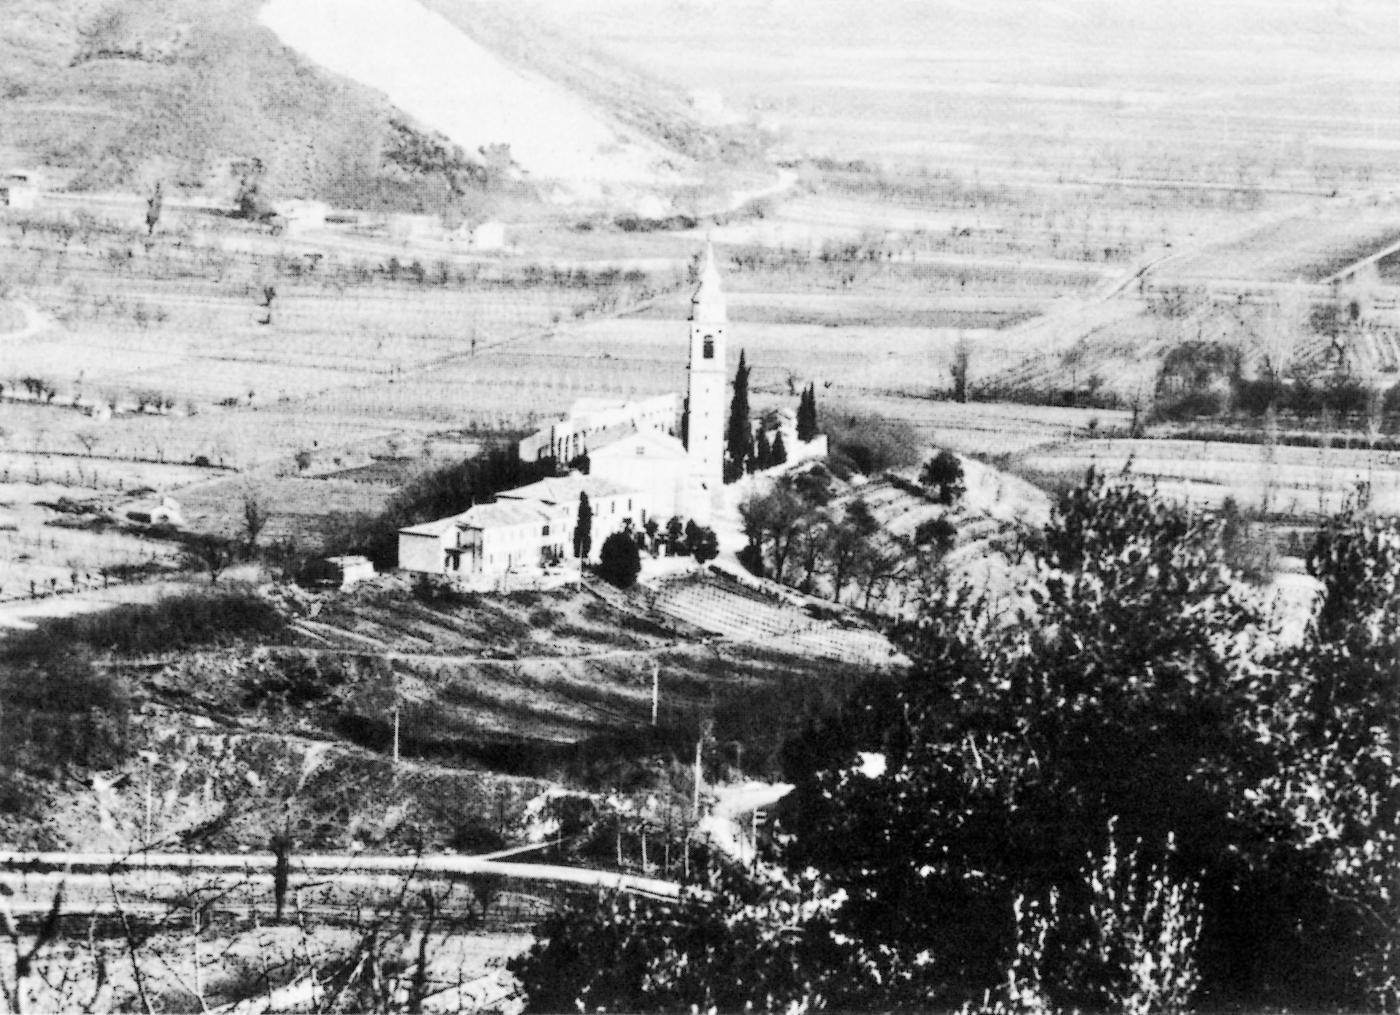 La vecchia parrocchiale di Galzignano e le pendici del monte Cimisella.